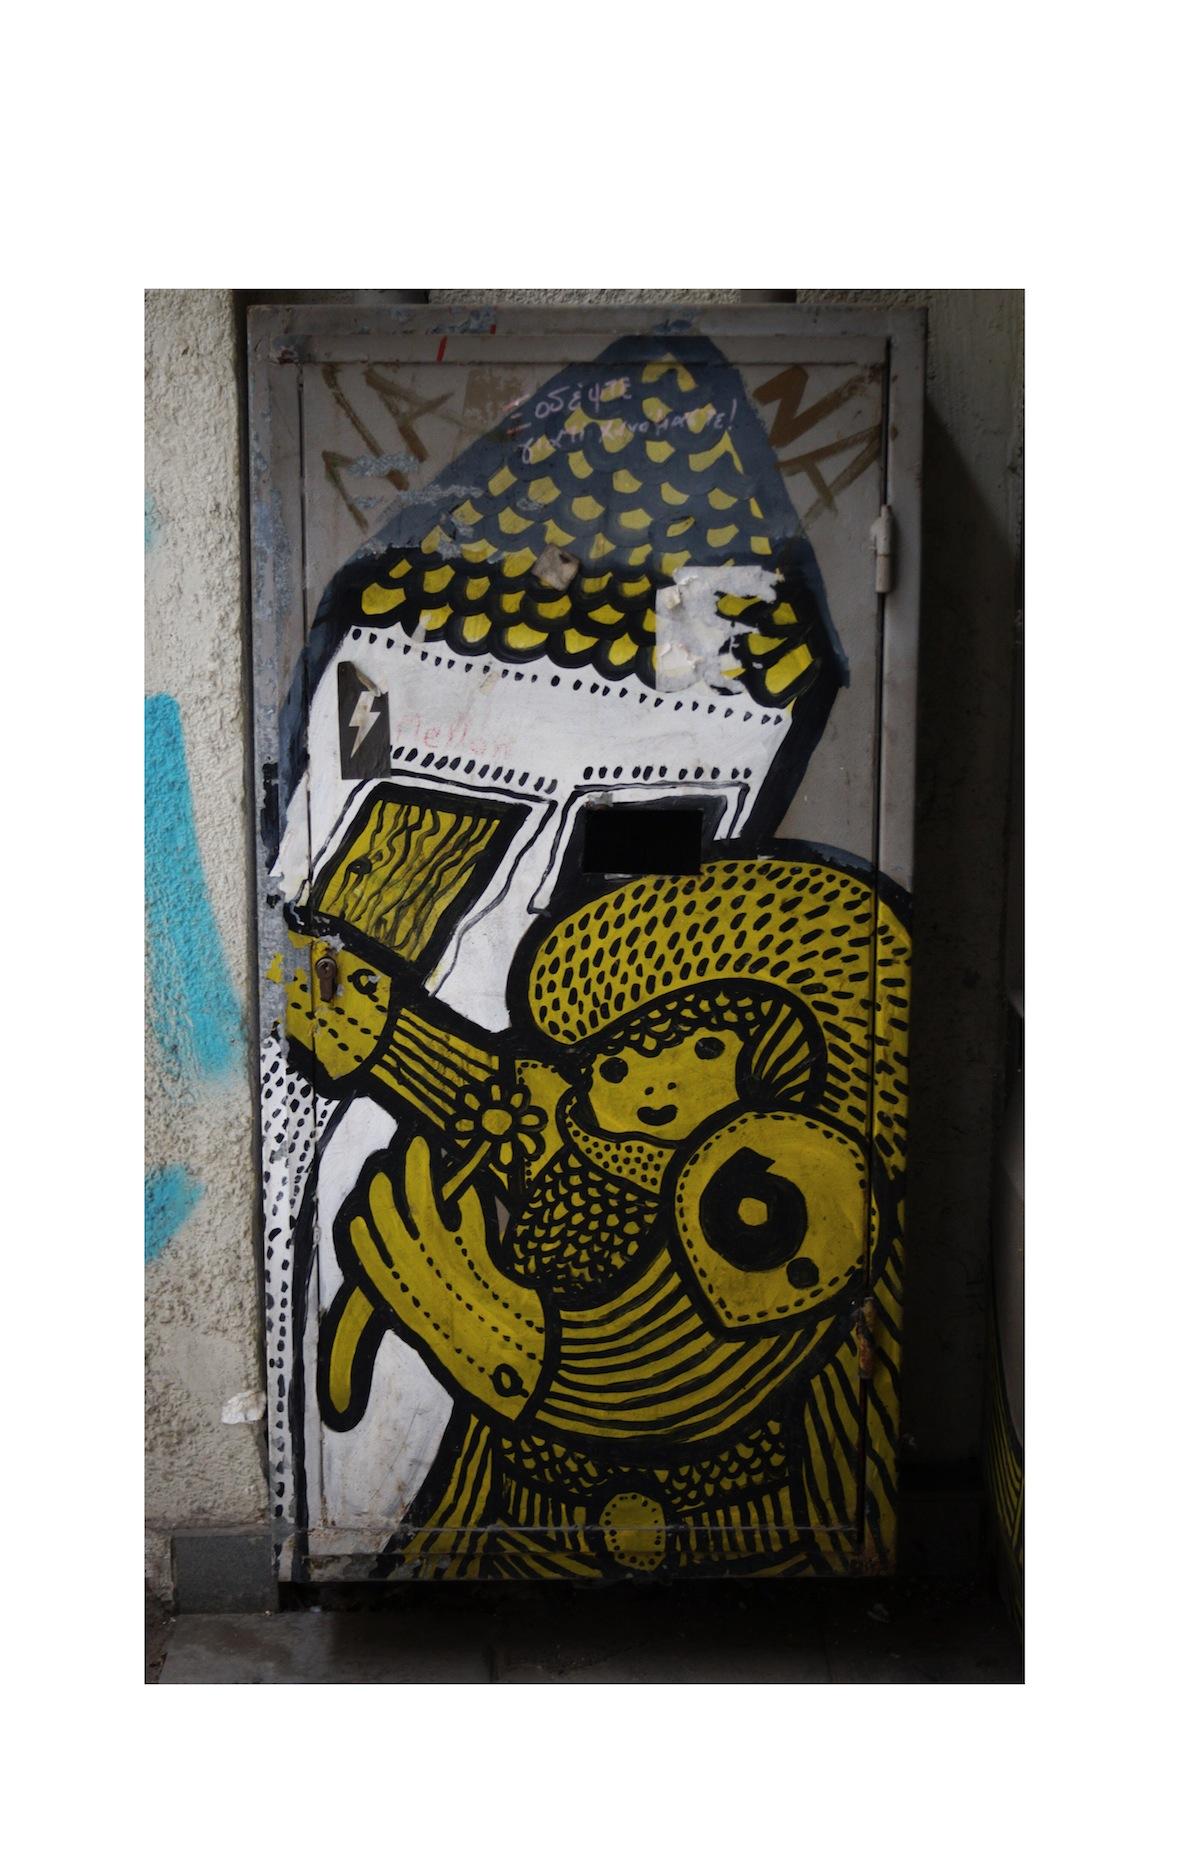 Ψυρρή Writer: b. Ένα από τα κλασικά έργα του αρχιτέκτονα και  street artist b. Spraypaint